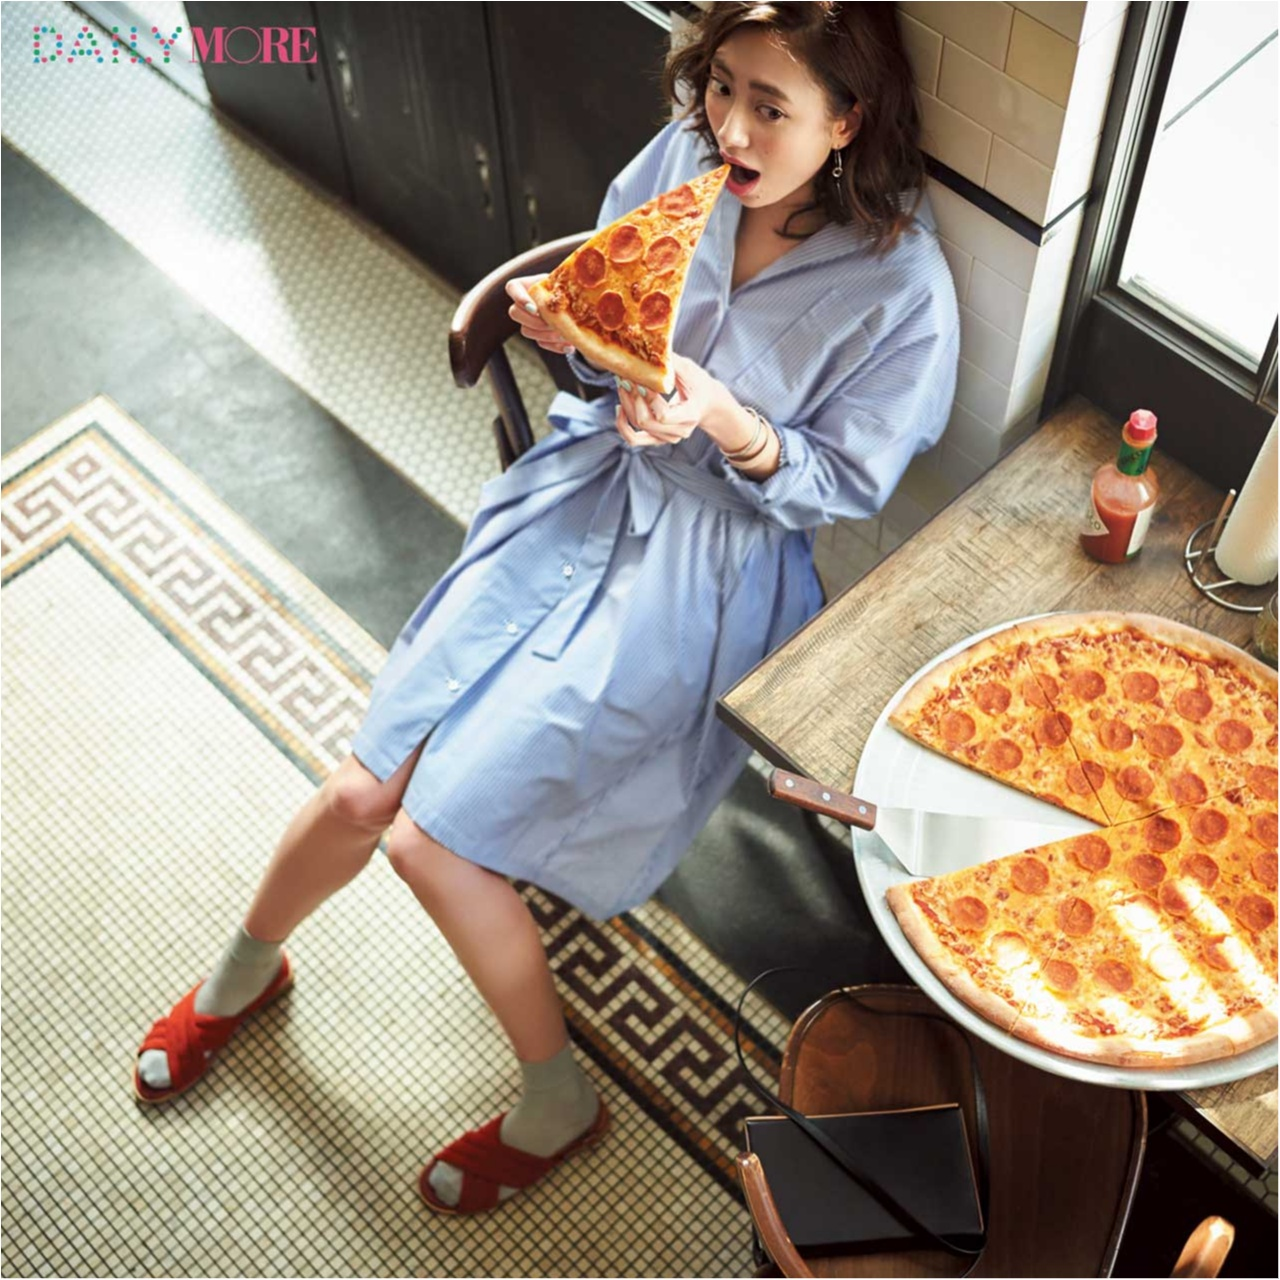 【今日のコーデ/土屋巴瑞季】シャツワンピで、N.Y.スタイルのピザ食べに。 足もとにテラコッタをきかせて_1